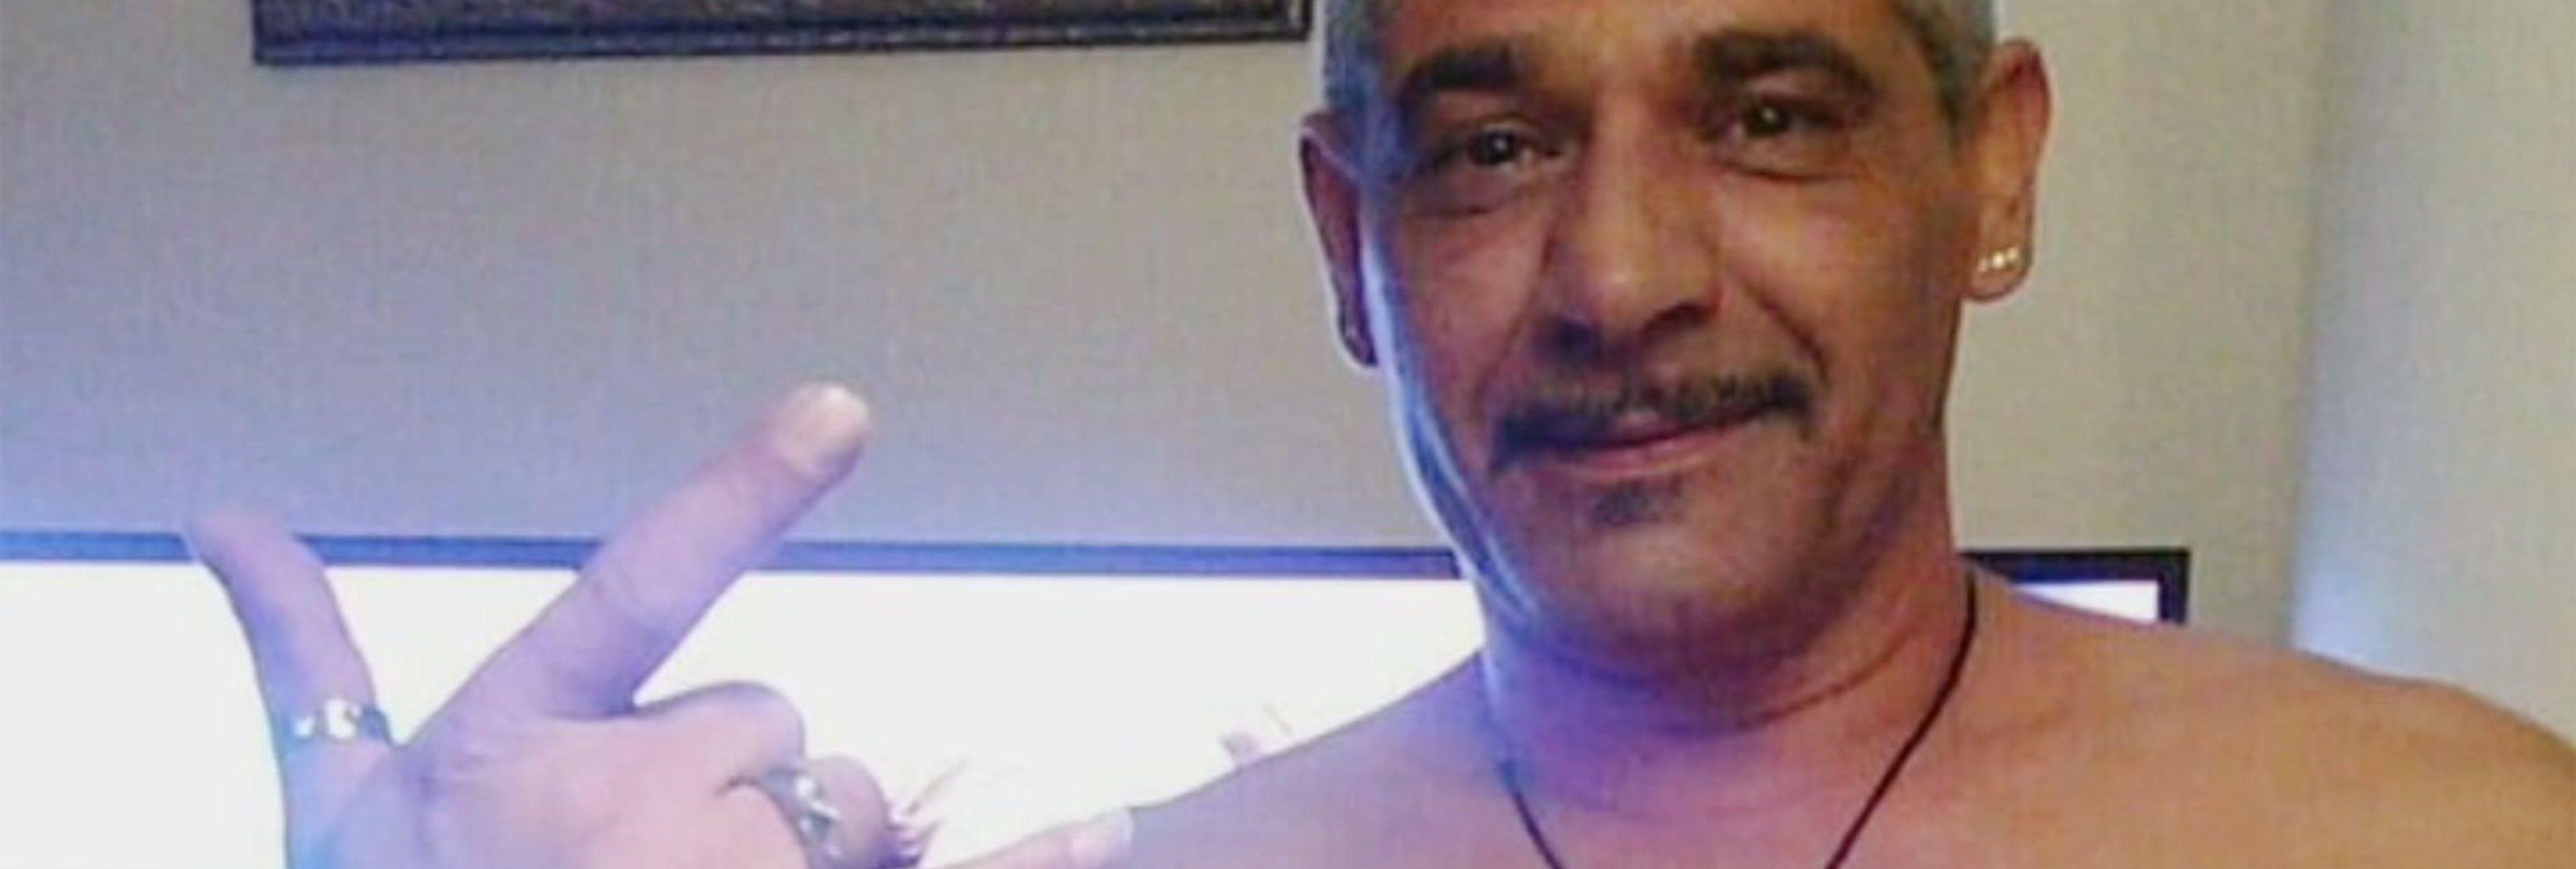 La defensa de Bernardo Montoya pide su libertad después de que por error no se grabara su confesión